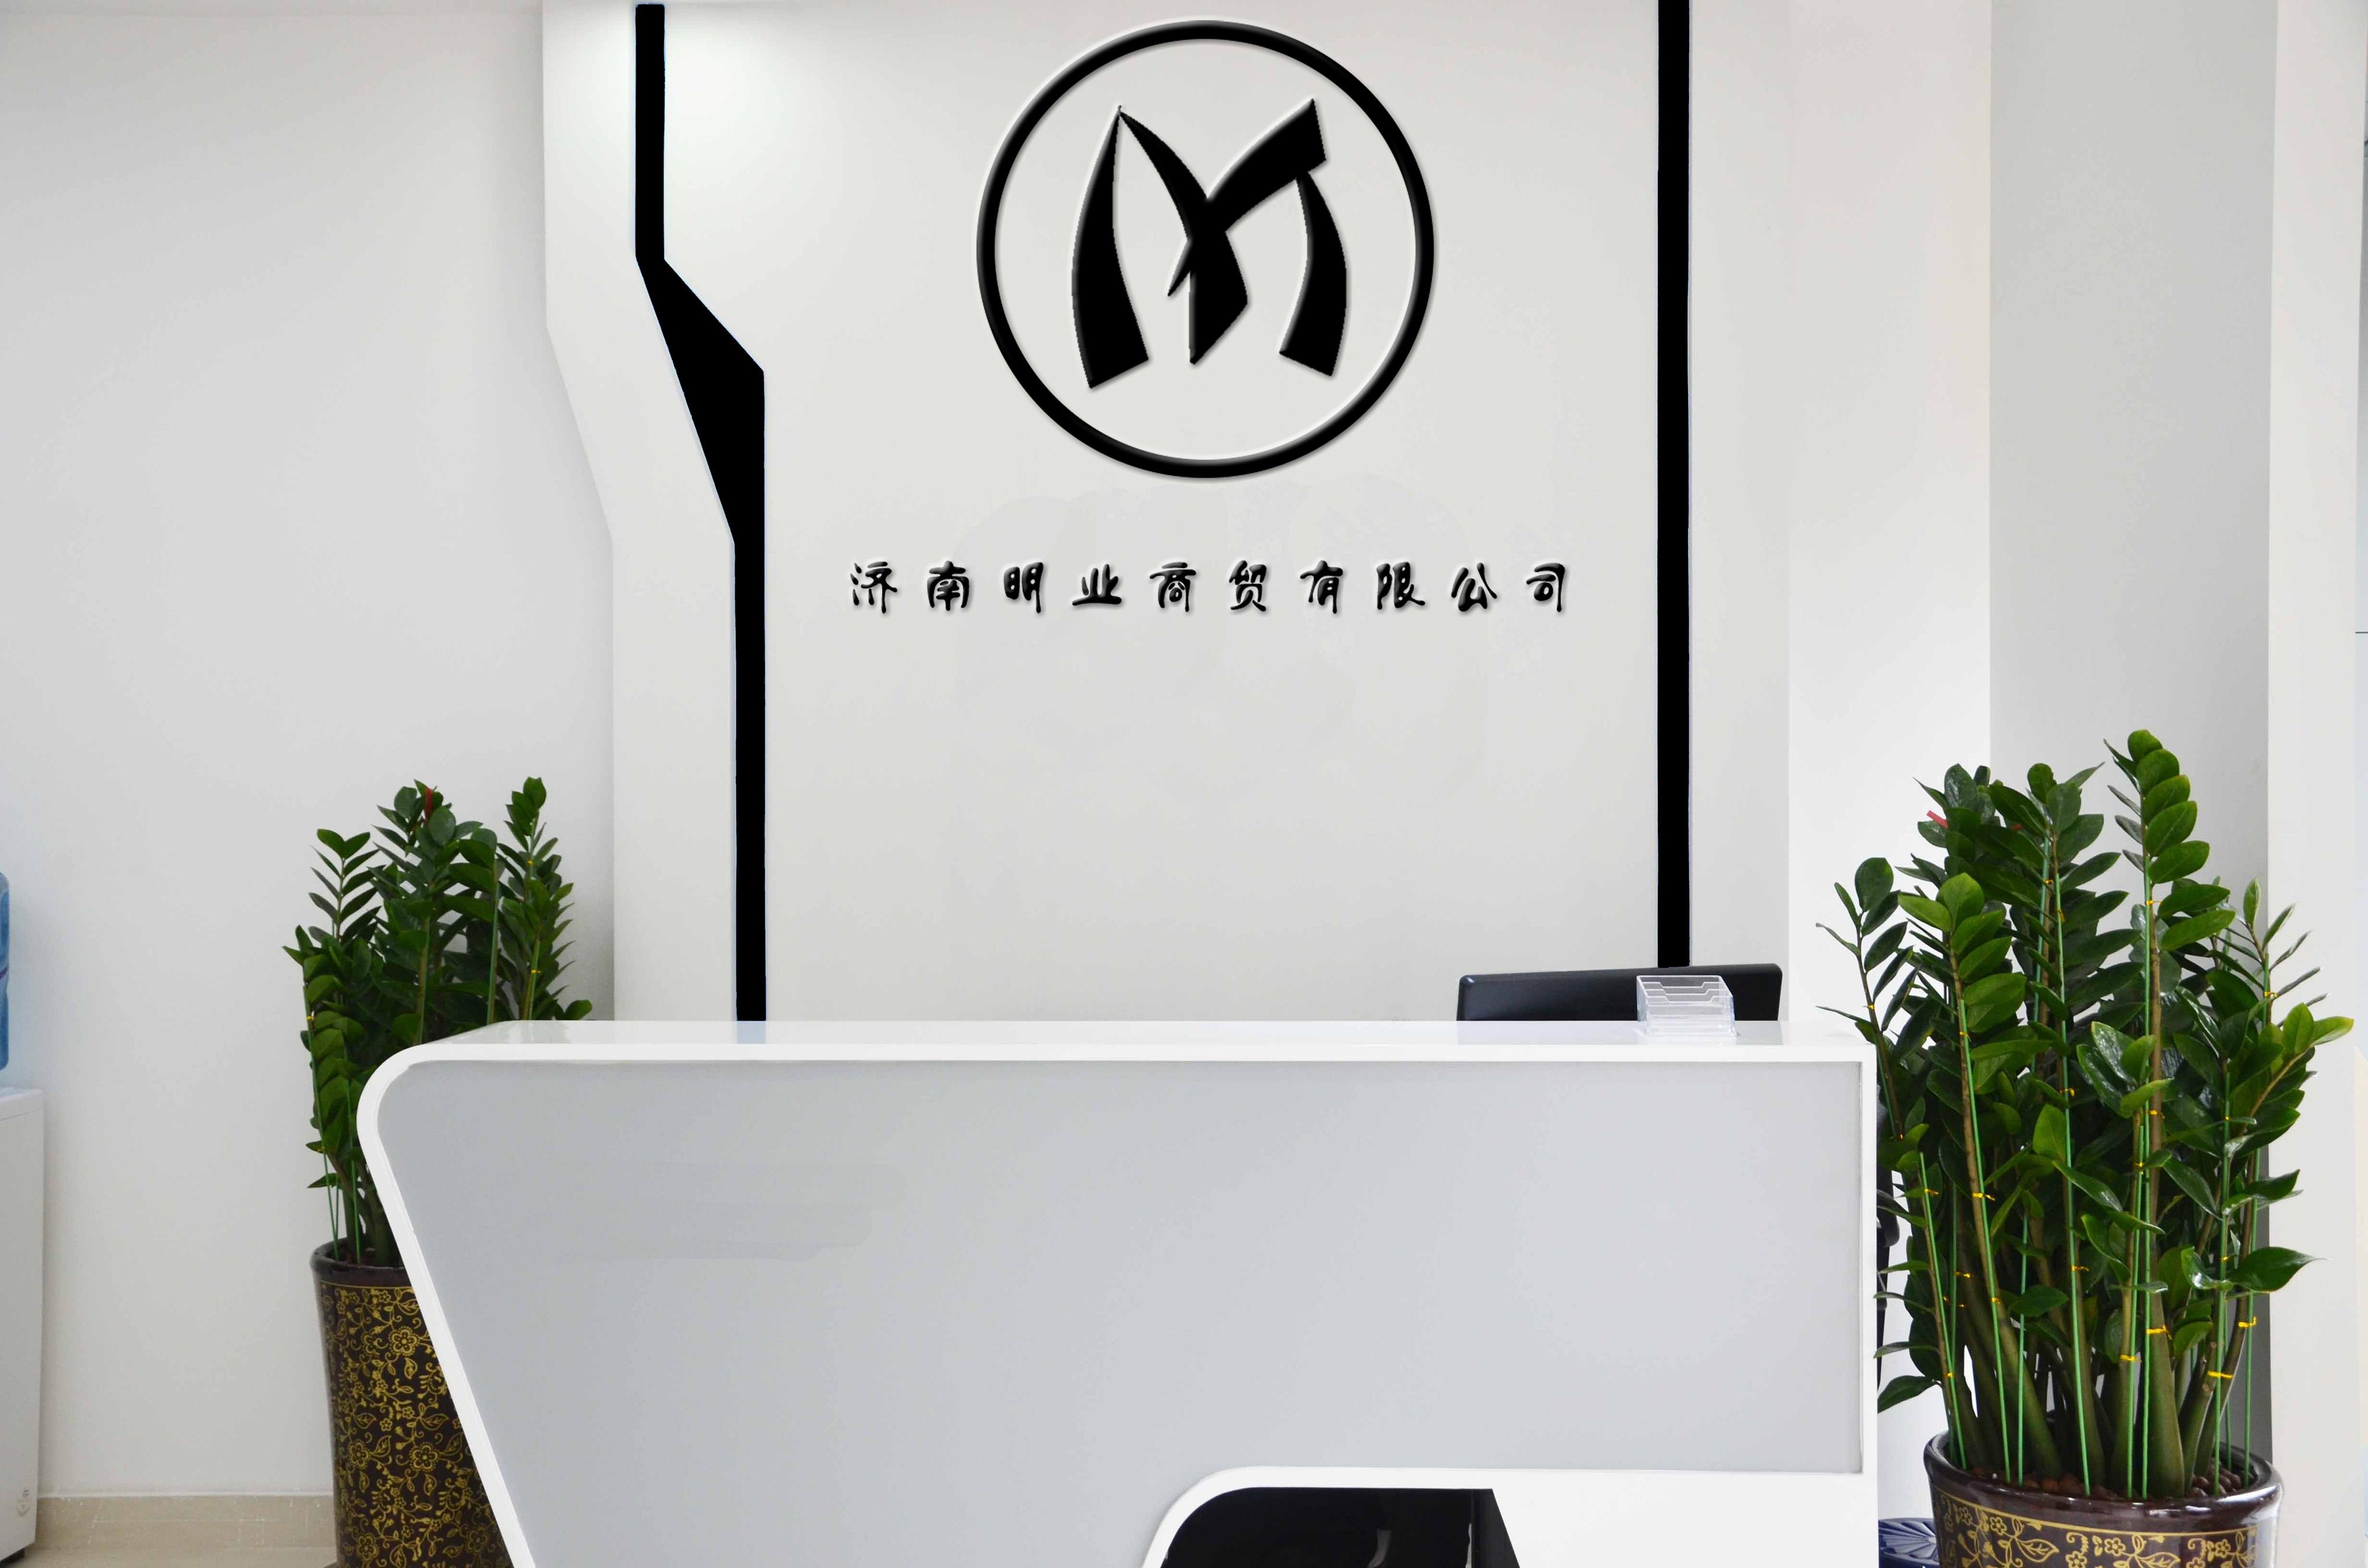 创意logo背景墙创意公司logo背景墙图片4